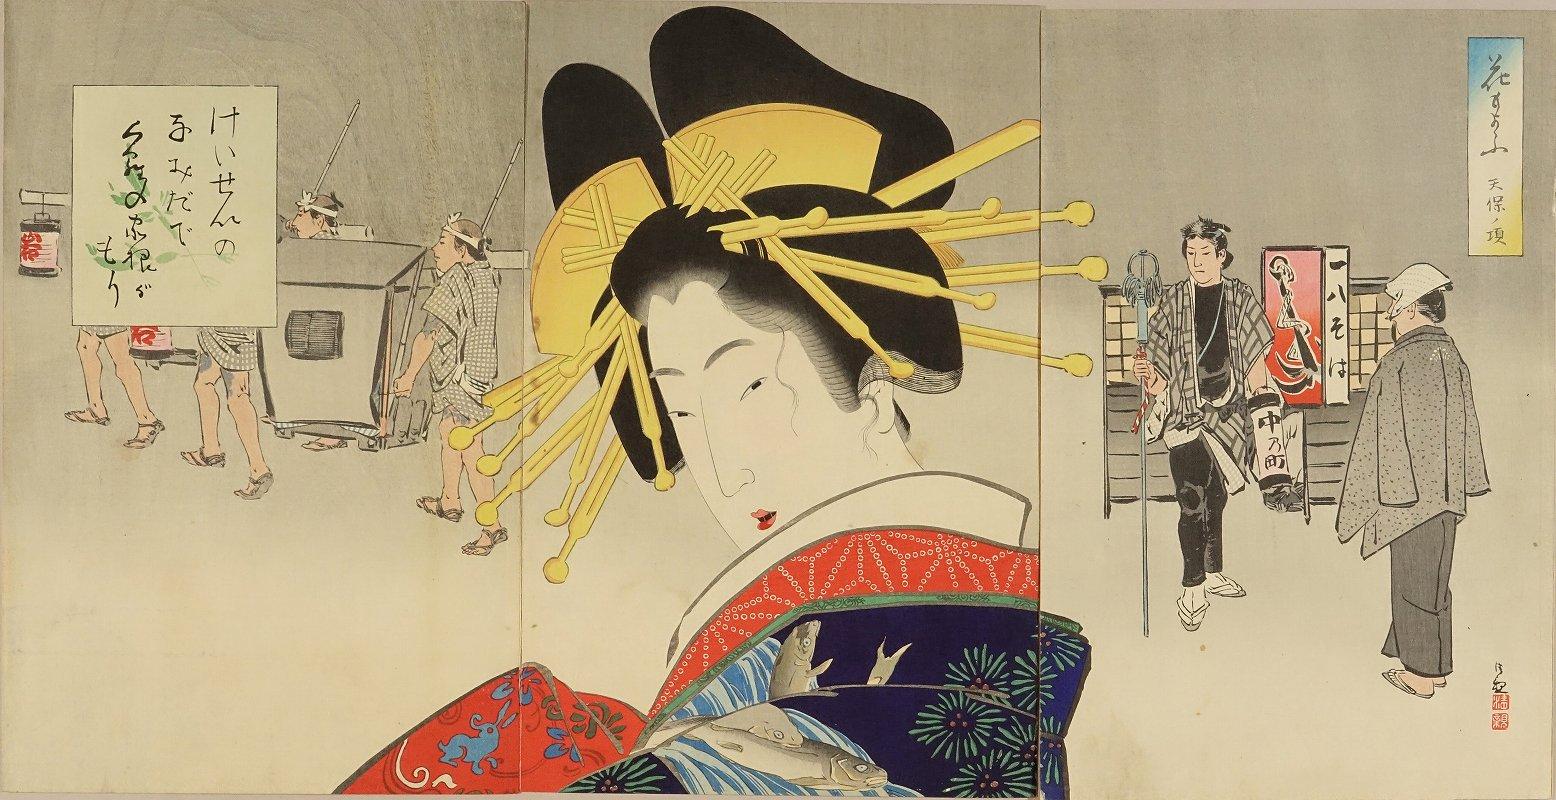 KIYOCHIKA Tempo era, from <i>Hana moyo</i> (Patterns of beauties), triptych